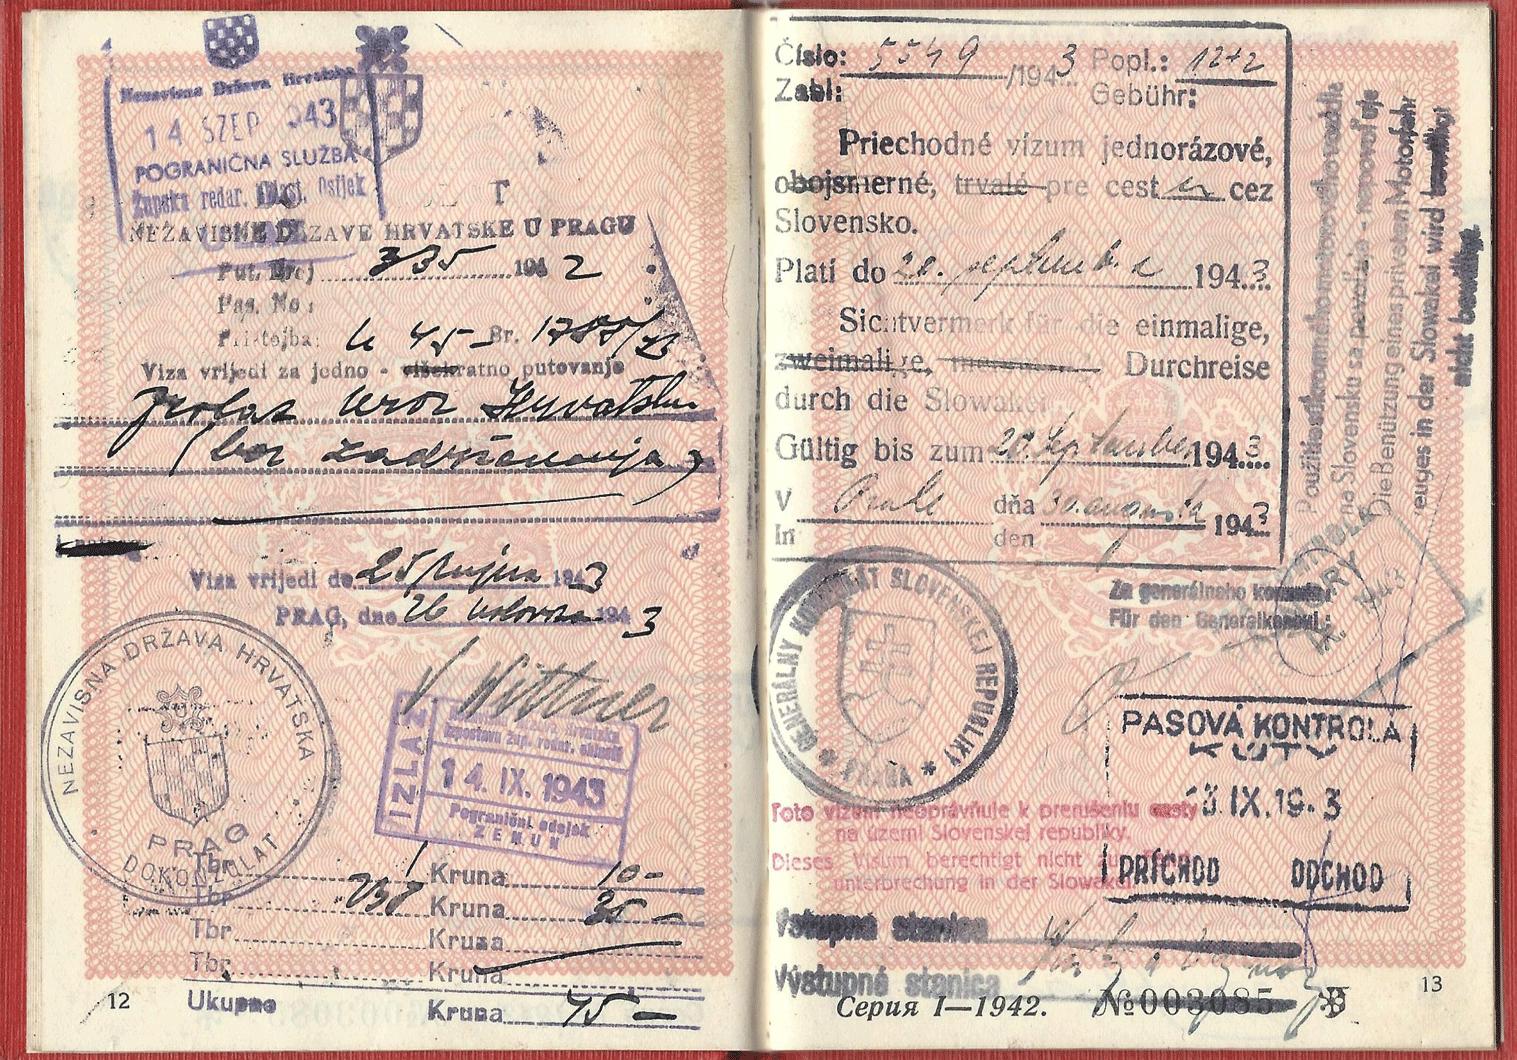 durchreise durch deutschland ohne visum